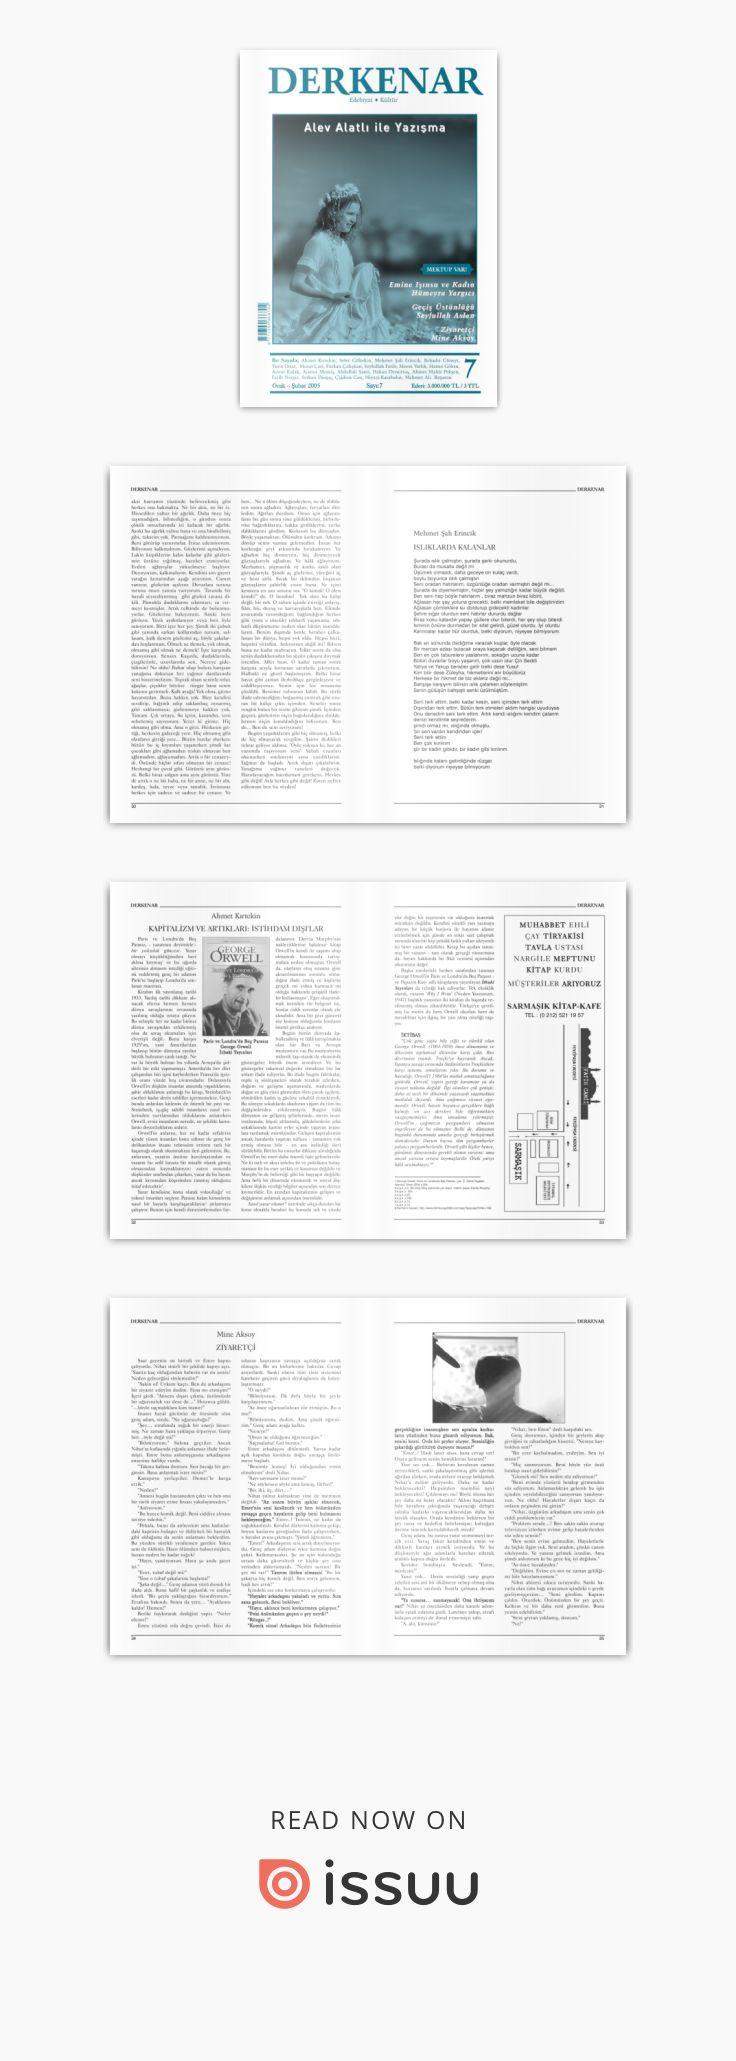 Derkenar 7  Derkenar dergisinin 7. sayısı / Ocak-Şubat 2005